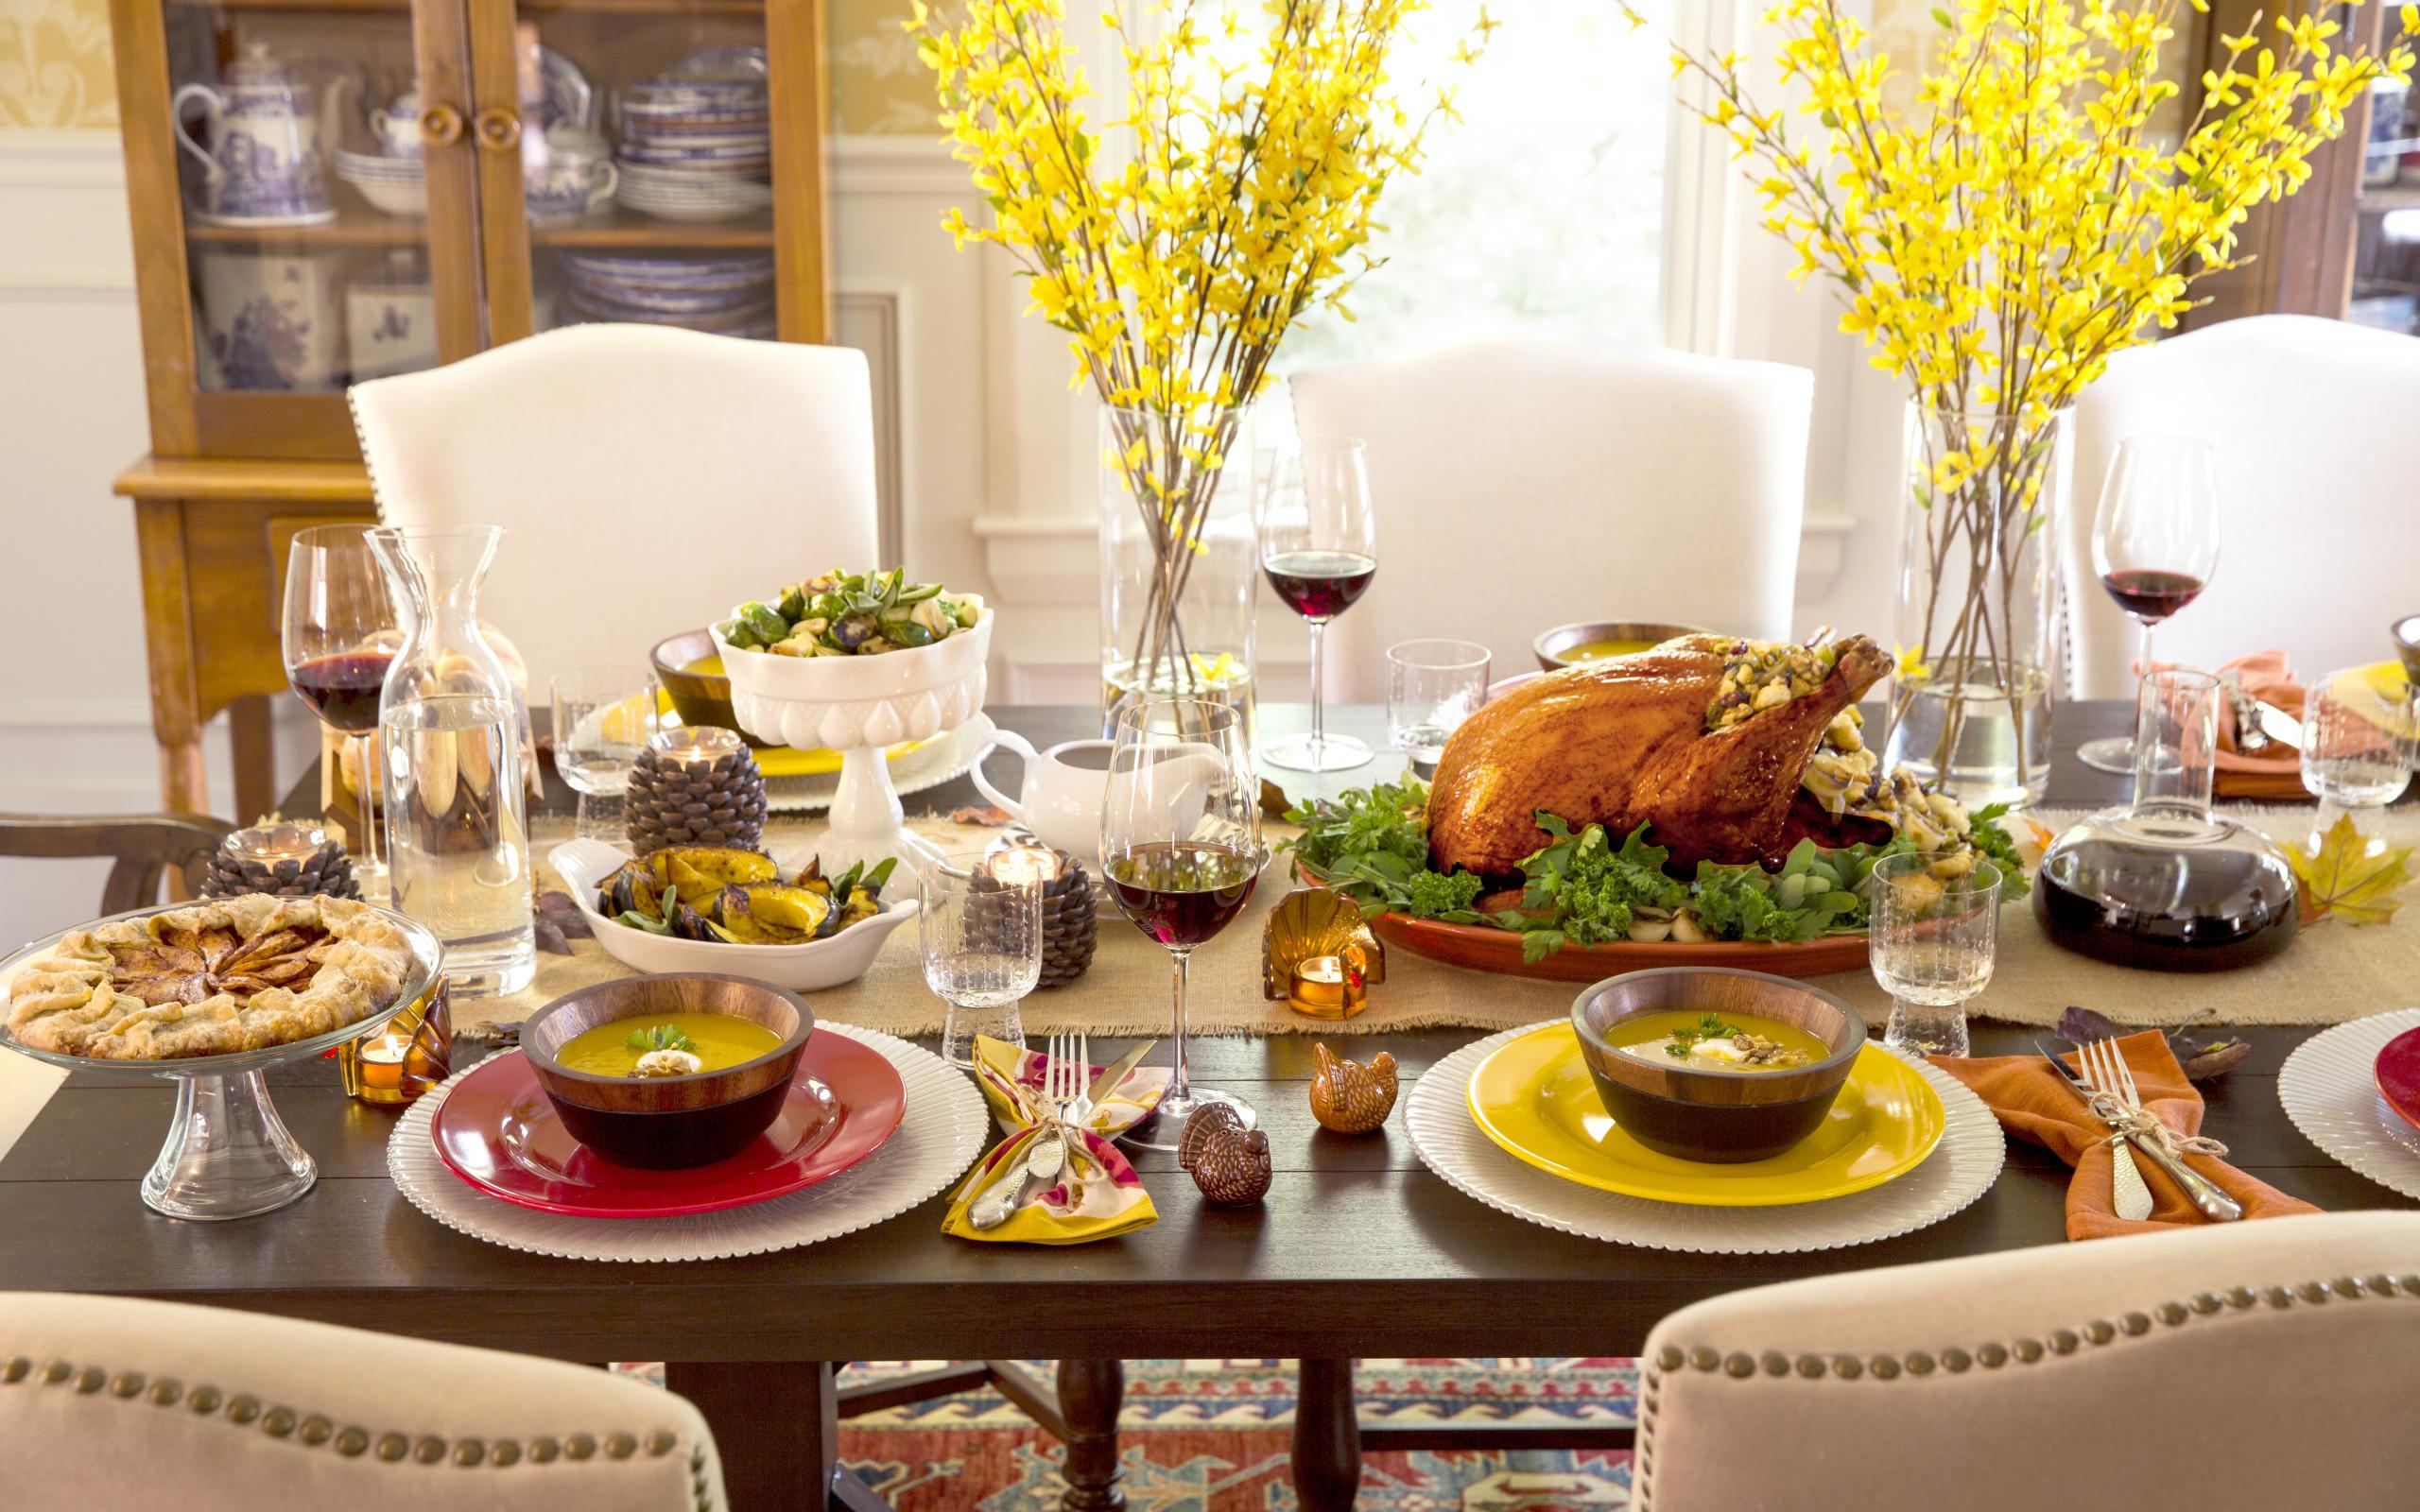 Правила сервировки стола по этикету, выбор посуды и декора